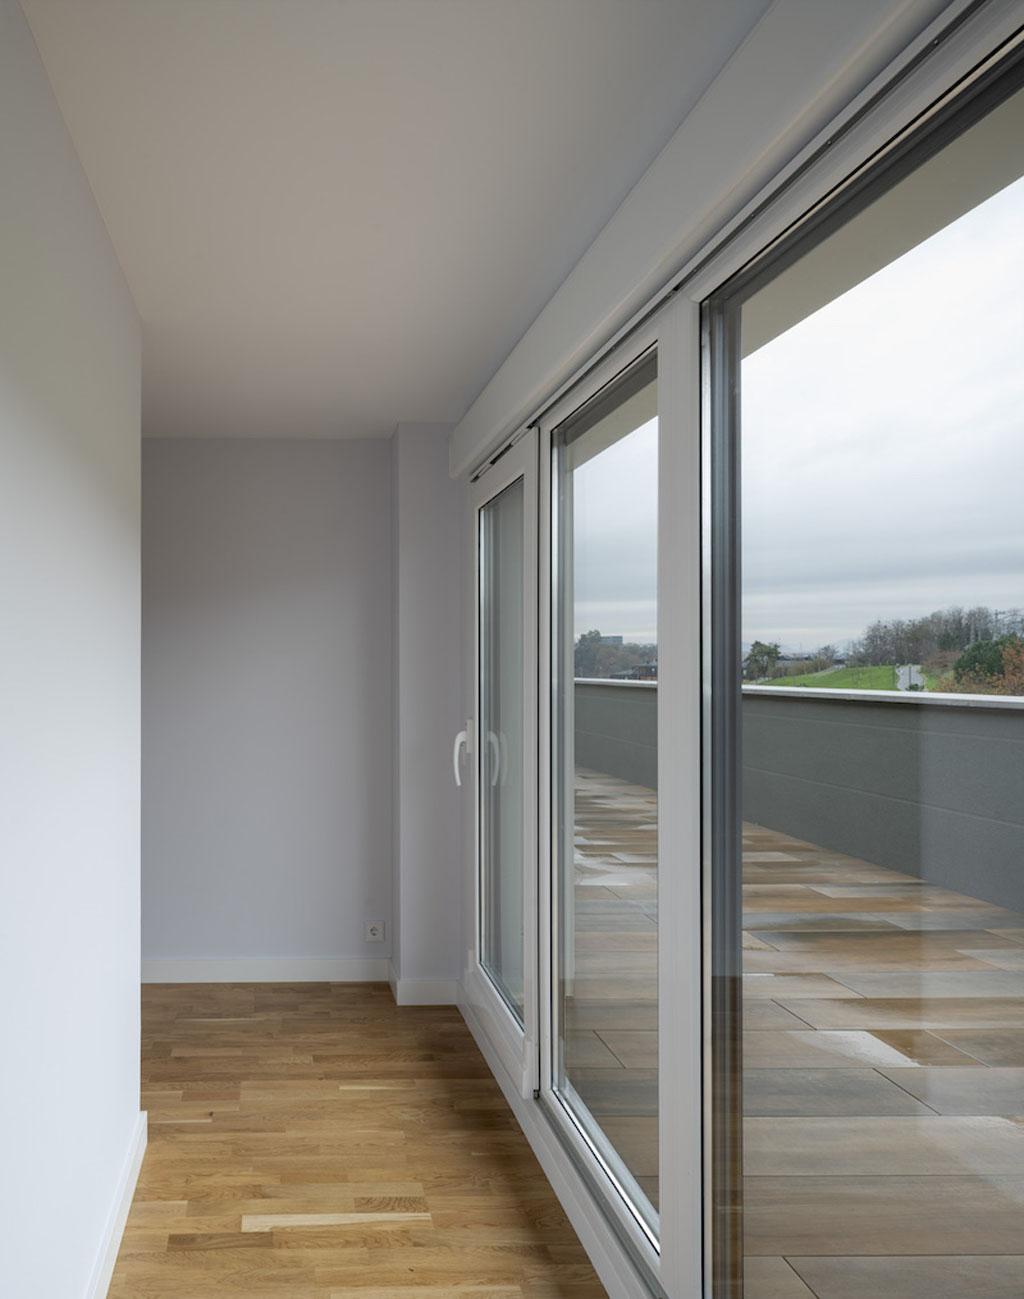 ALGORTA_WEB_006.B.-Erlantz Biderbost fotografo de arquitectura e interiores